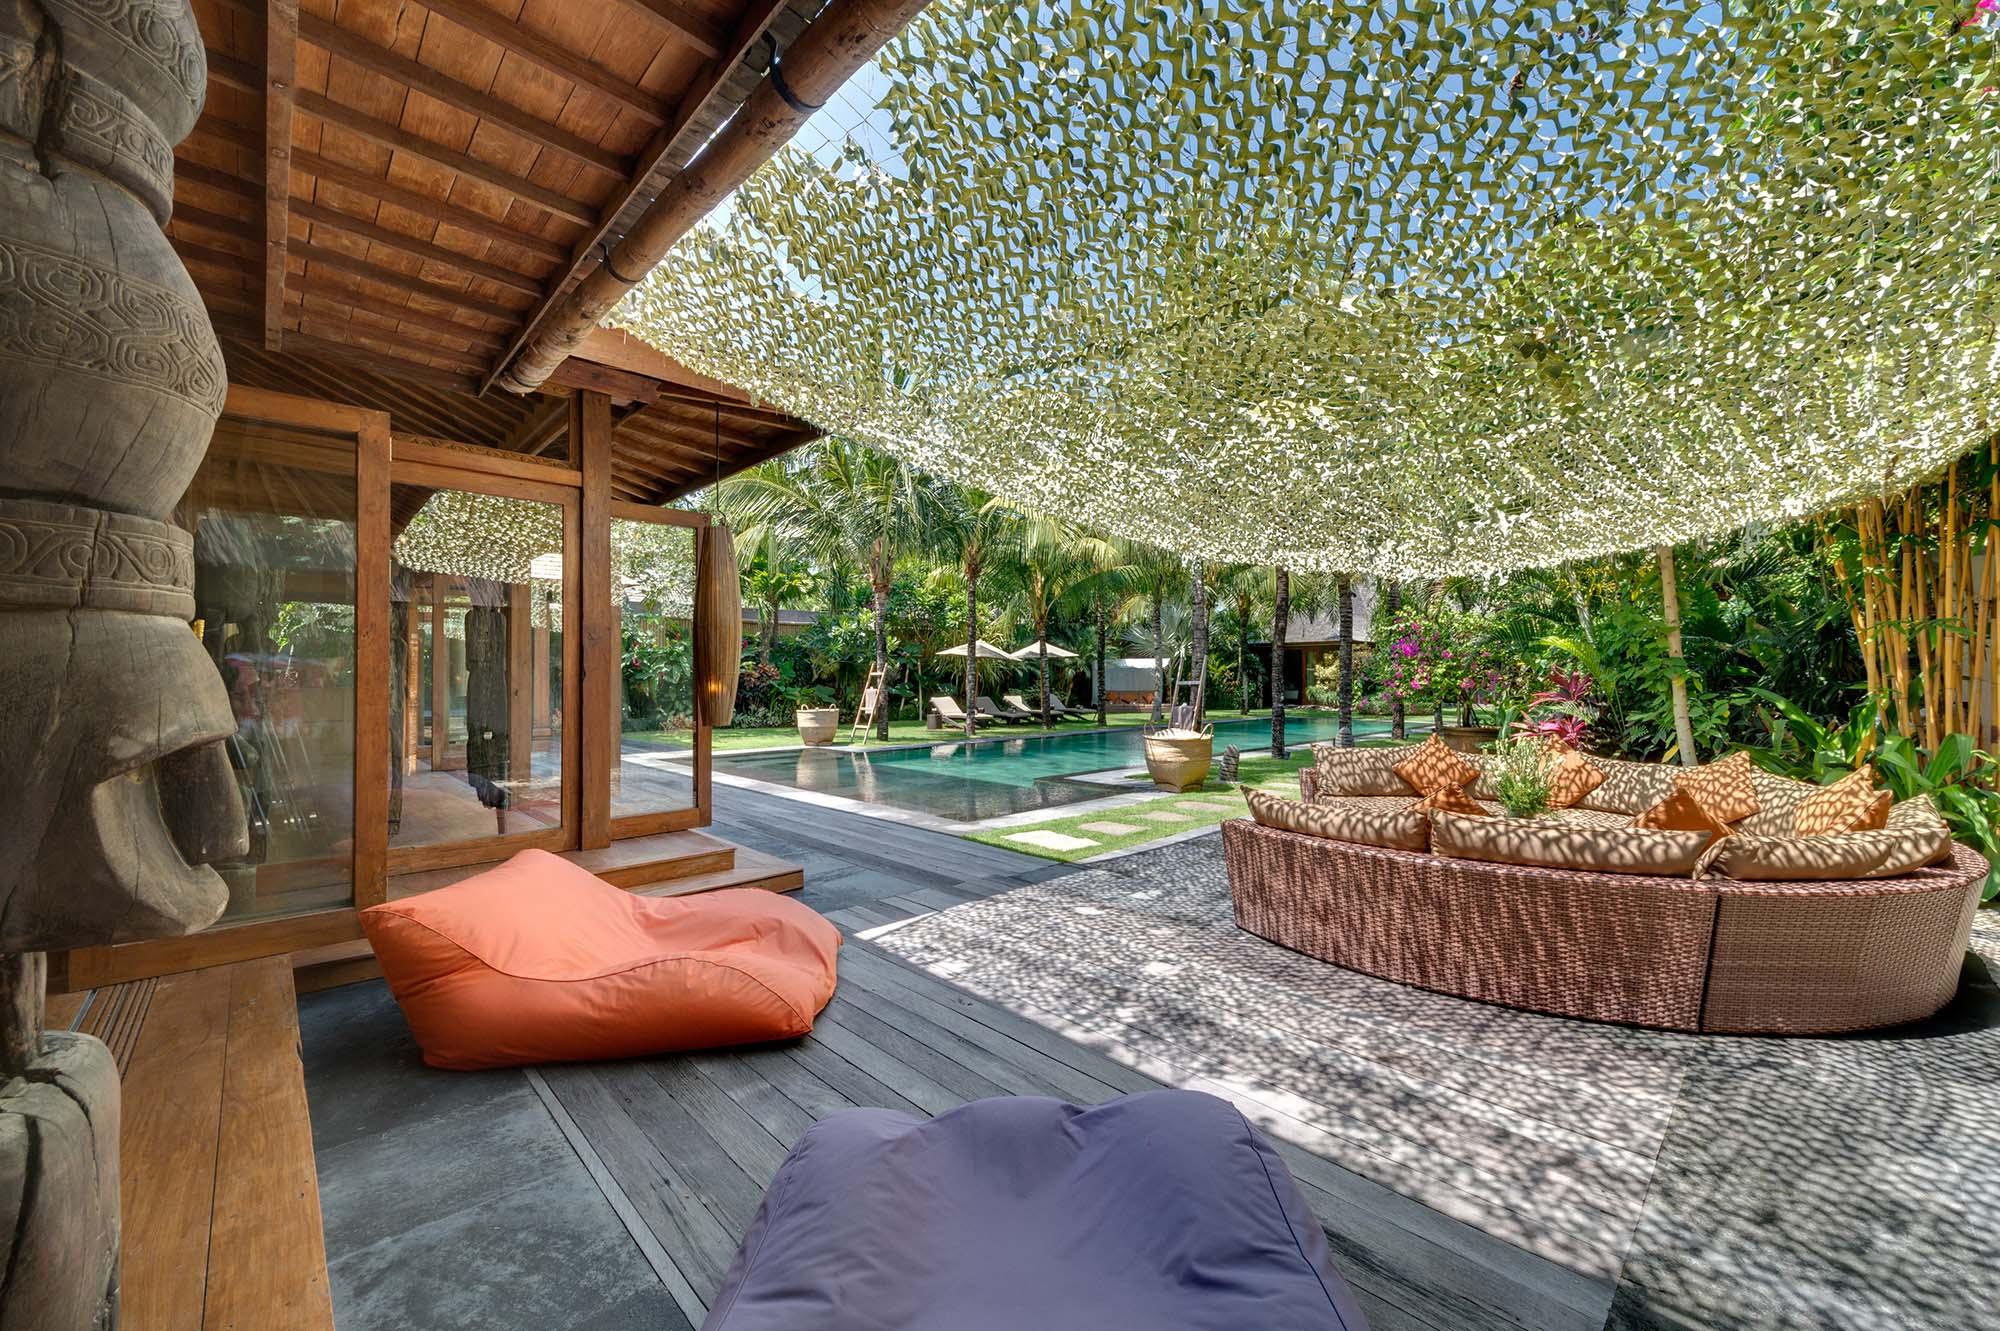 Villa Shambala - Outdoor Lounge Area - Seminyak, Bali